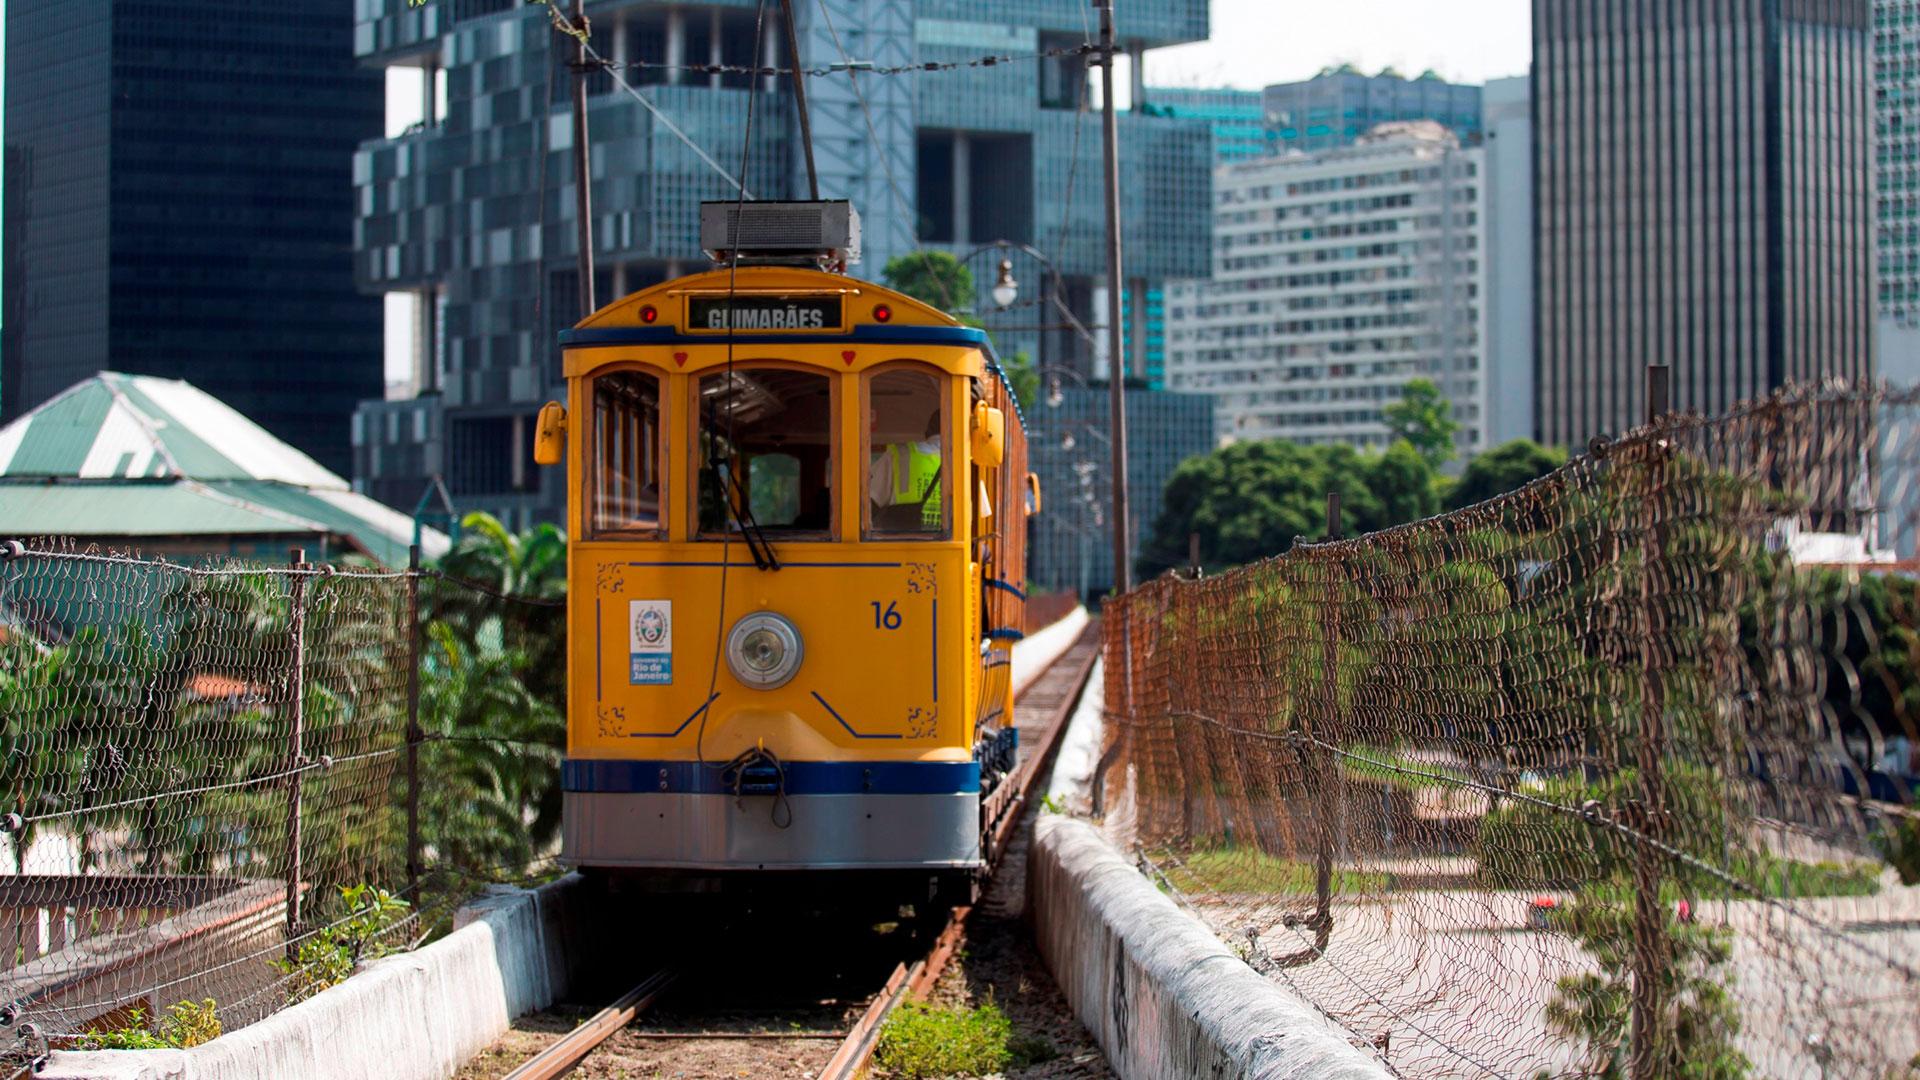 El tranvía Lapa, una de las postales por excelencia de Río de Janeiro